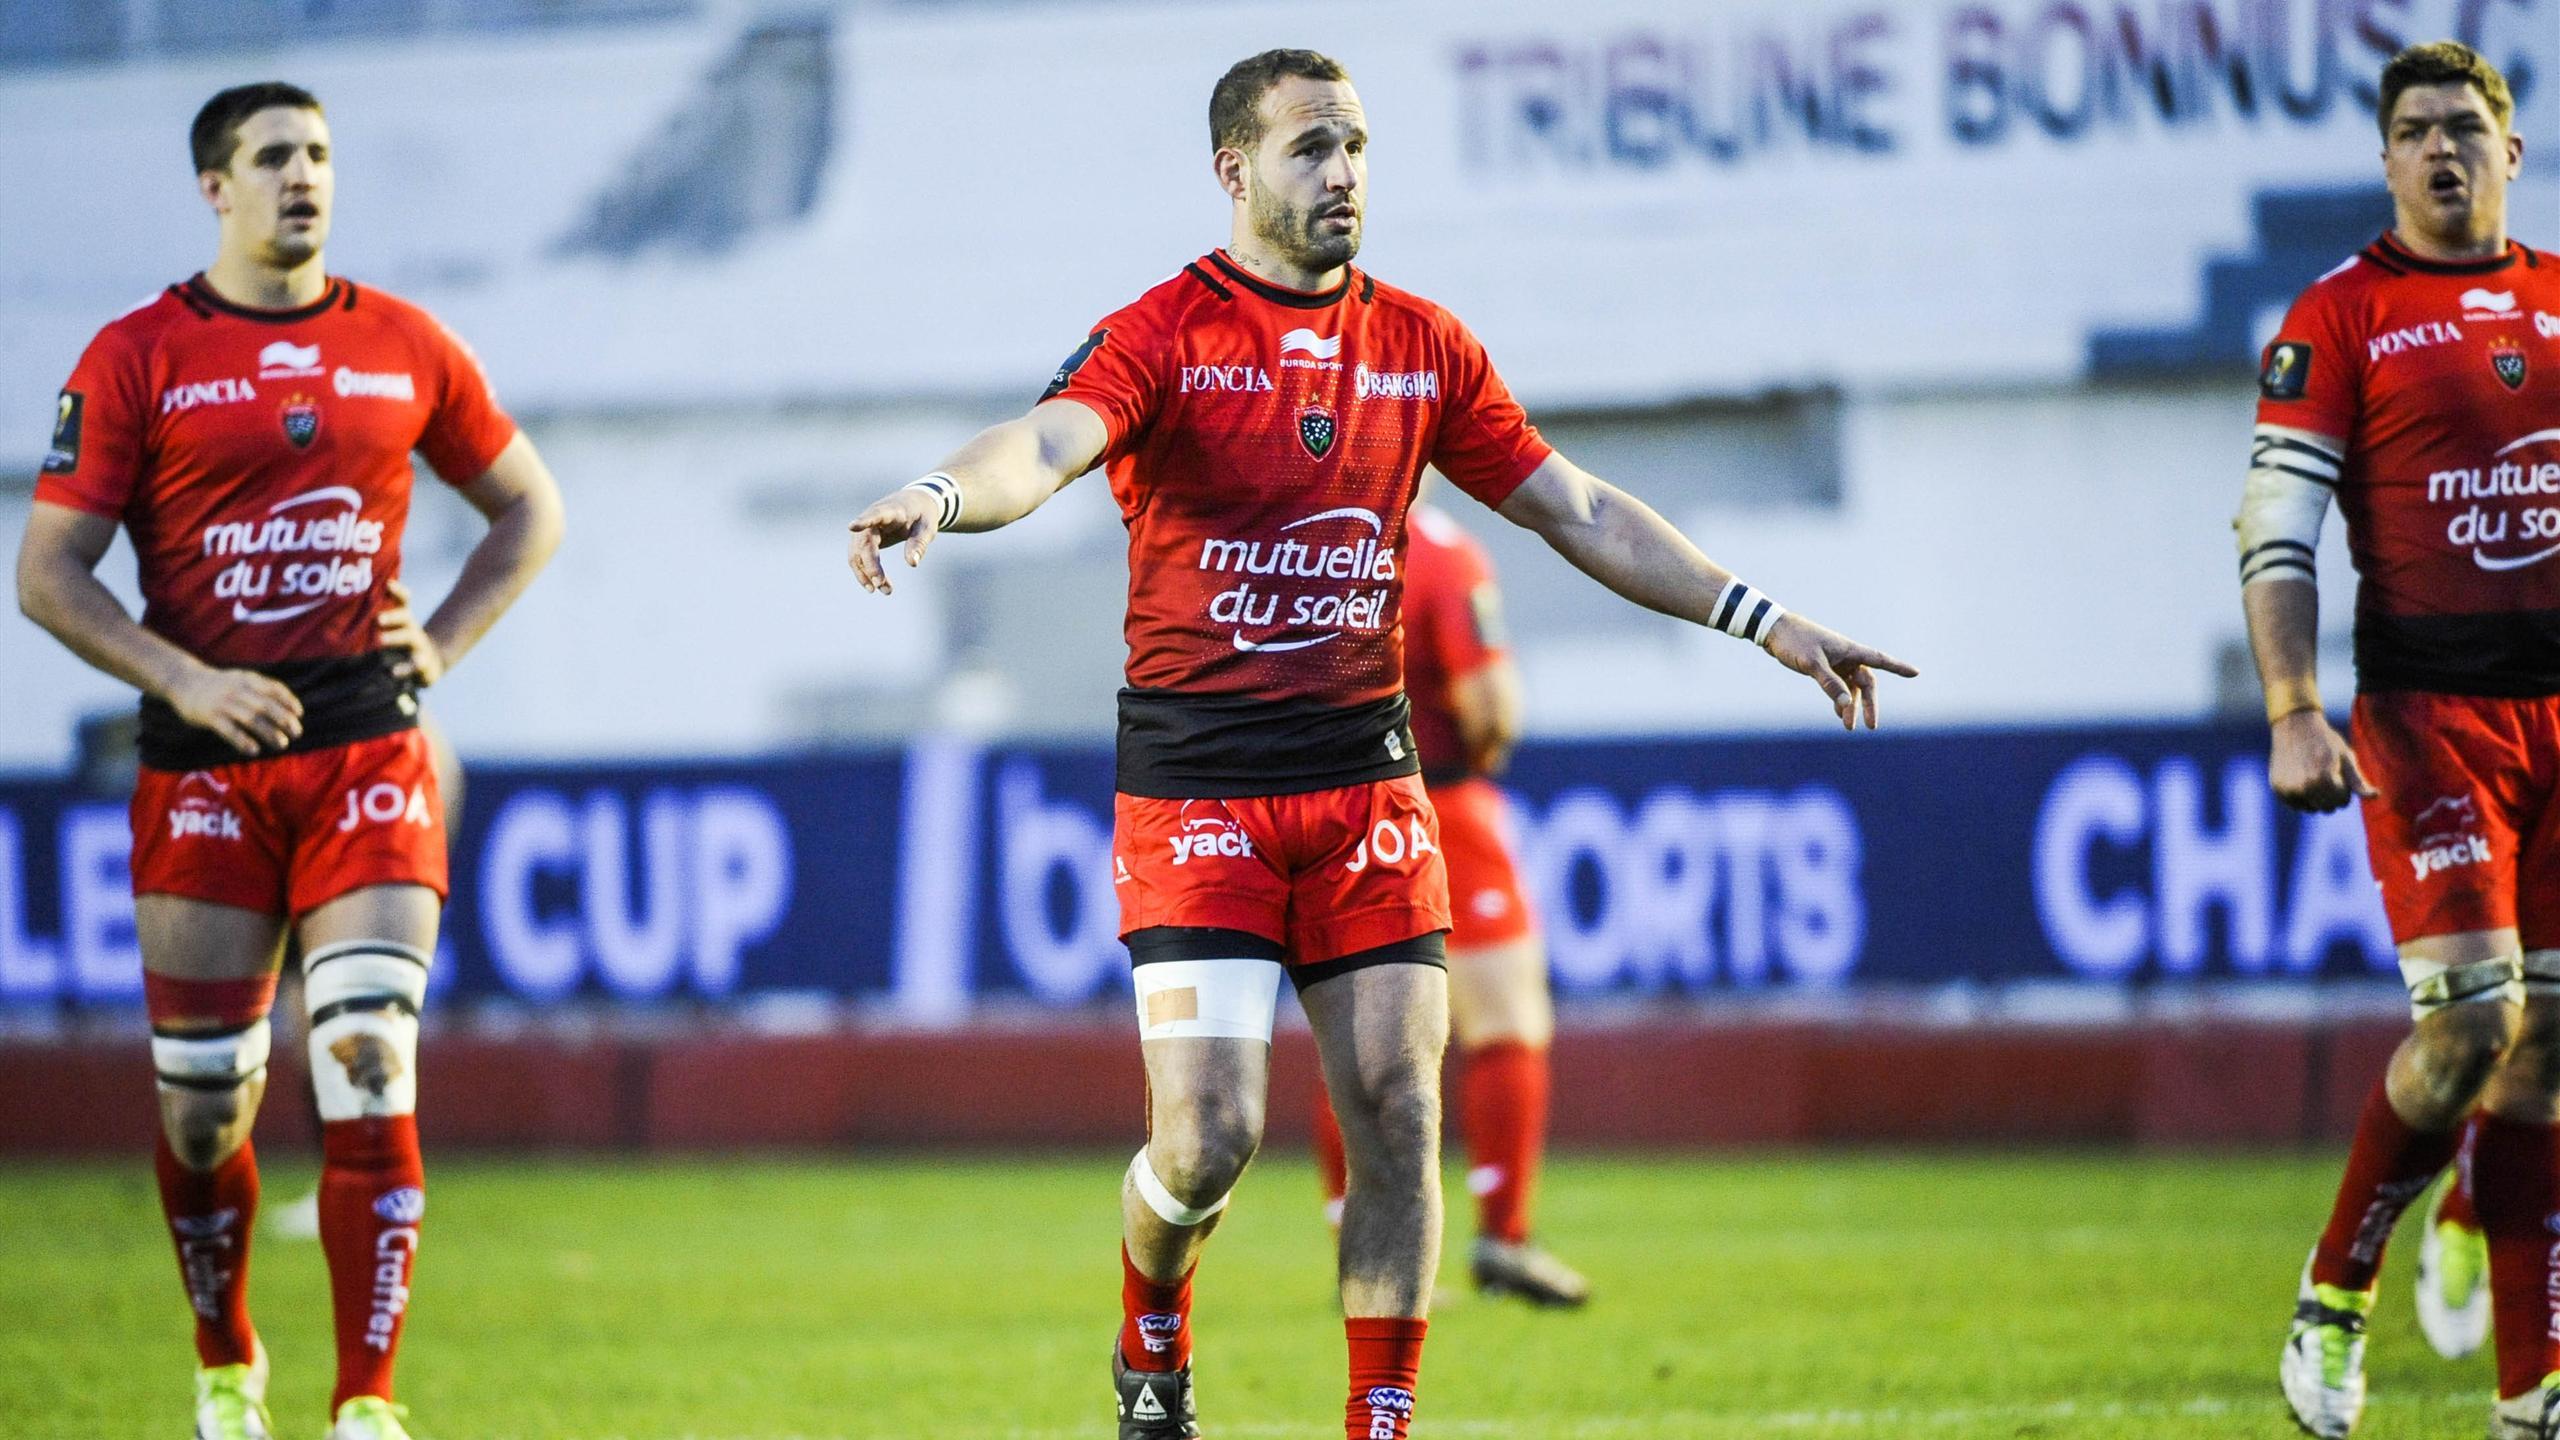 Frédéric Michalak (Toulon) - 17 janvier 2016